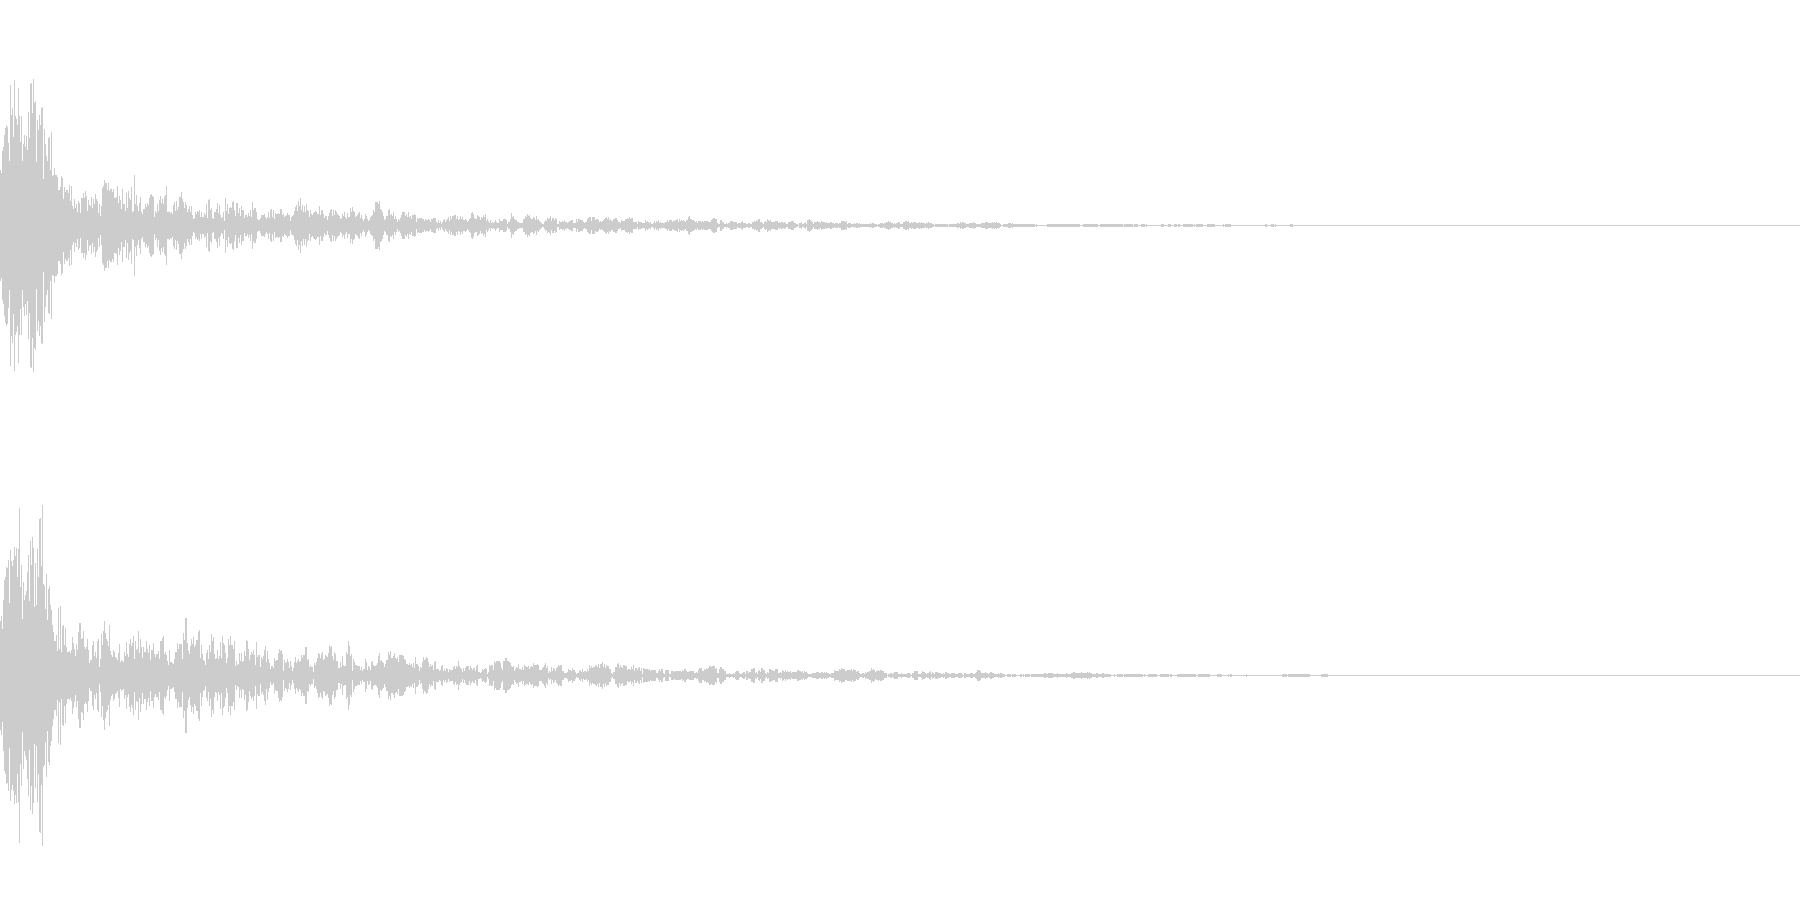 ドーン-20-1(インパクト音)の未再生の波形